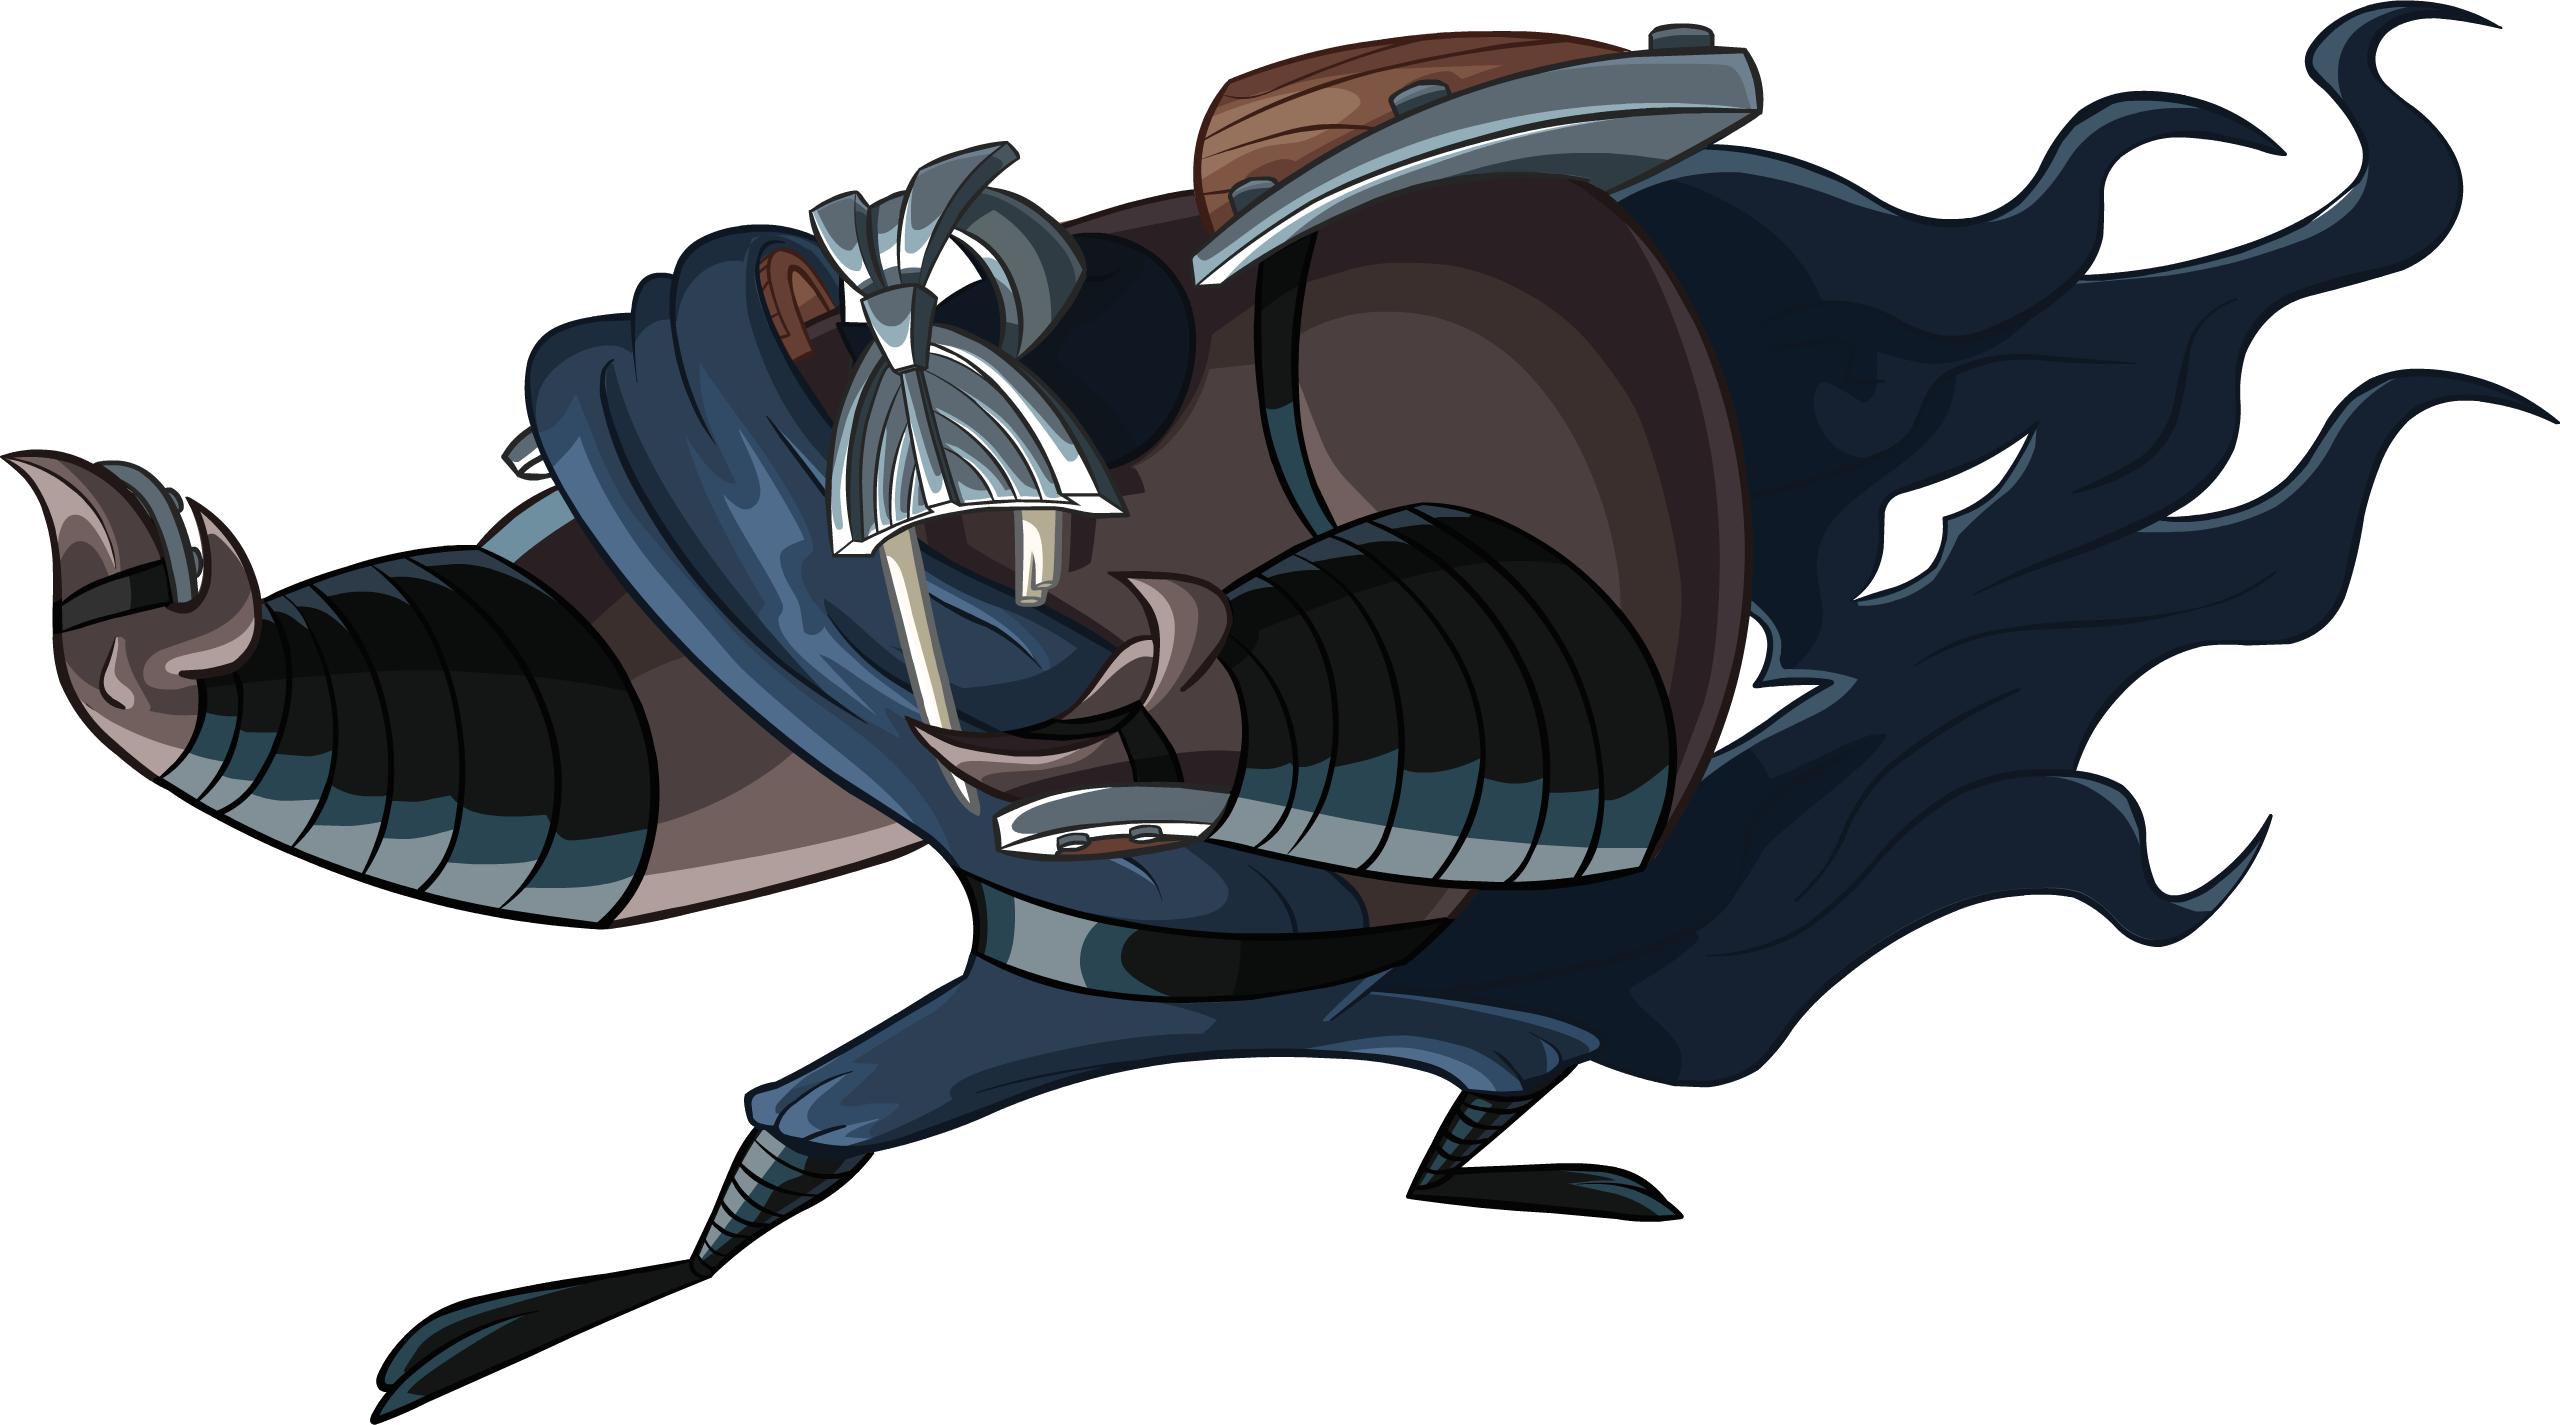 The Club Penguin Wiki A Free Editable Encyclopedia | Auto Design Tech